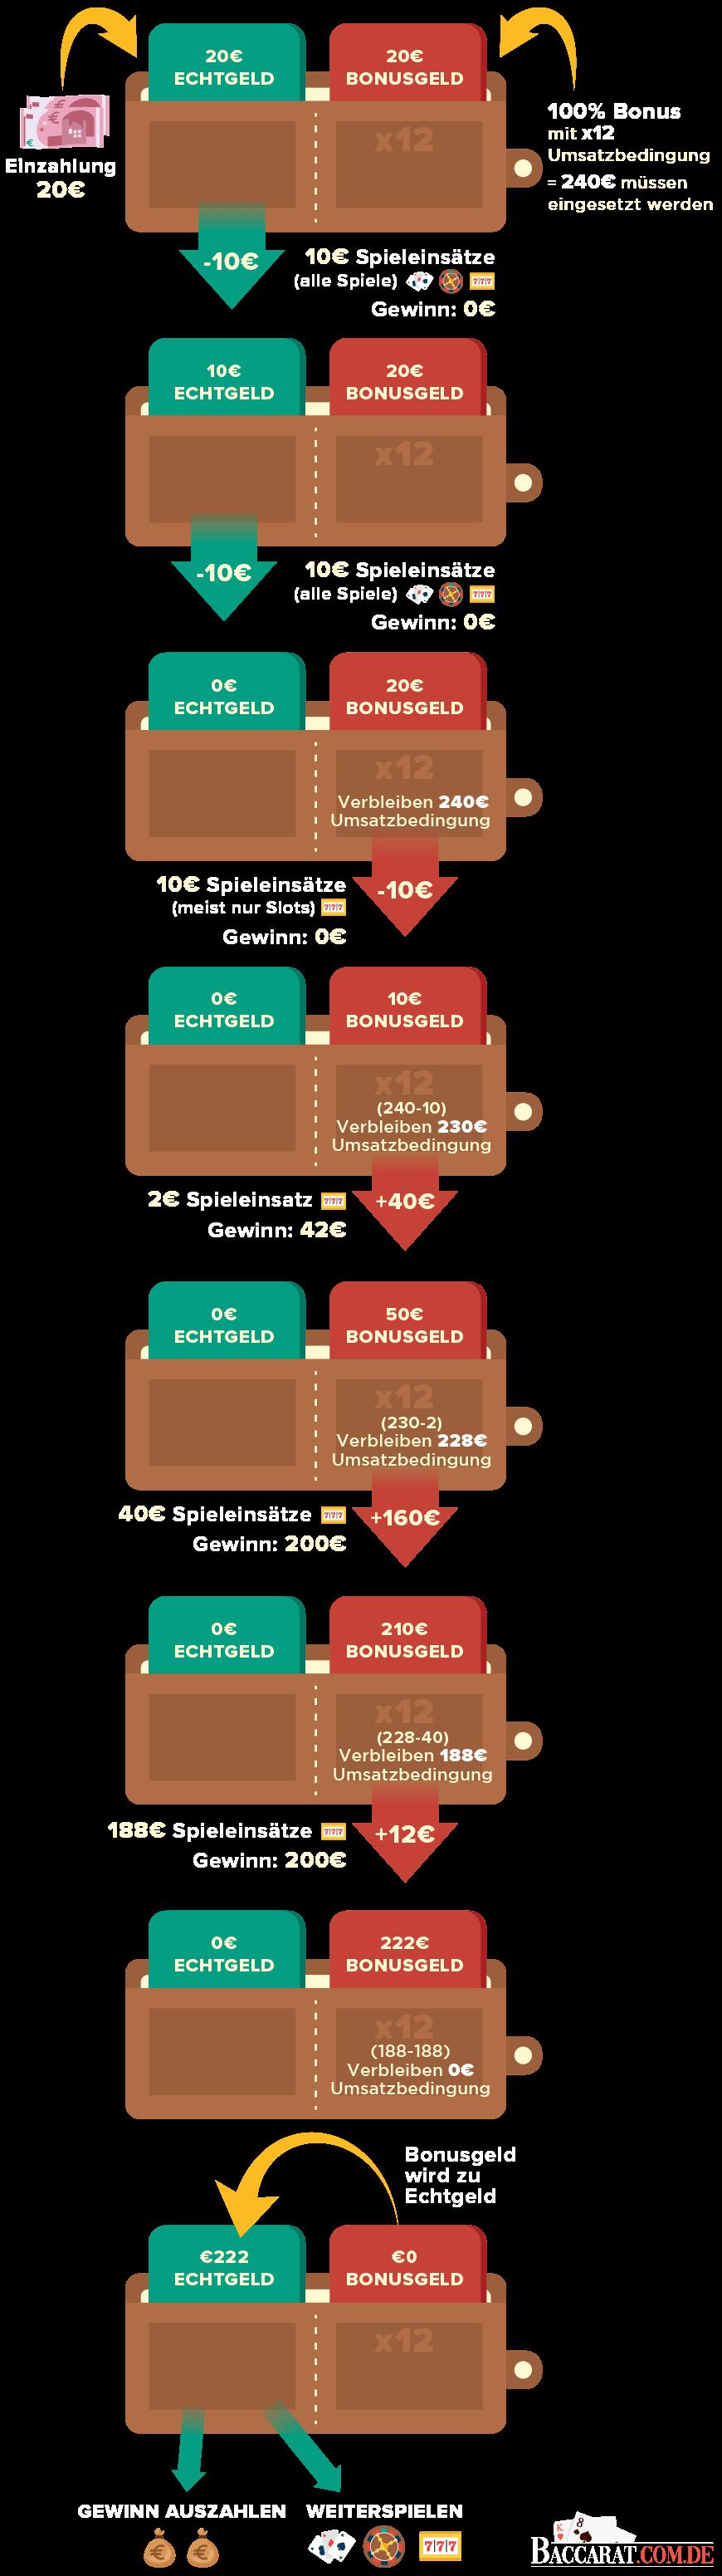 Infografik zur Veranschaulichung von Bonusbedingungen und der Zusammenhang von Bonusgeld und Echtgeld.